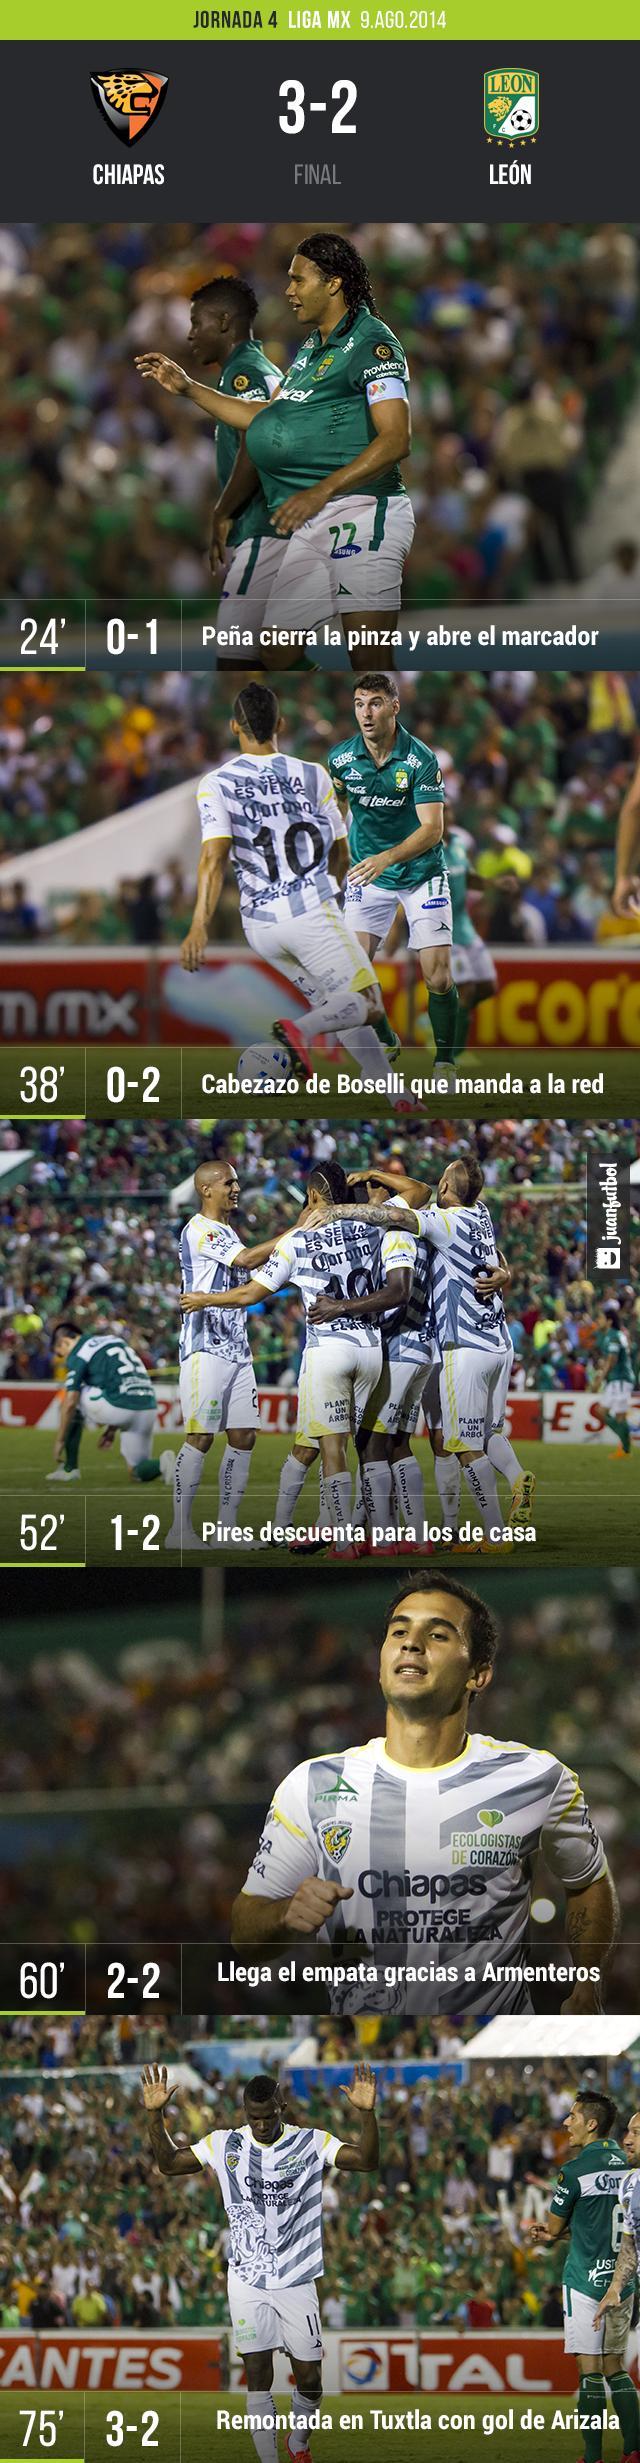 Chiapas 3-2 León